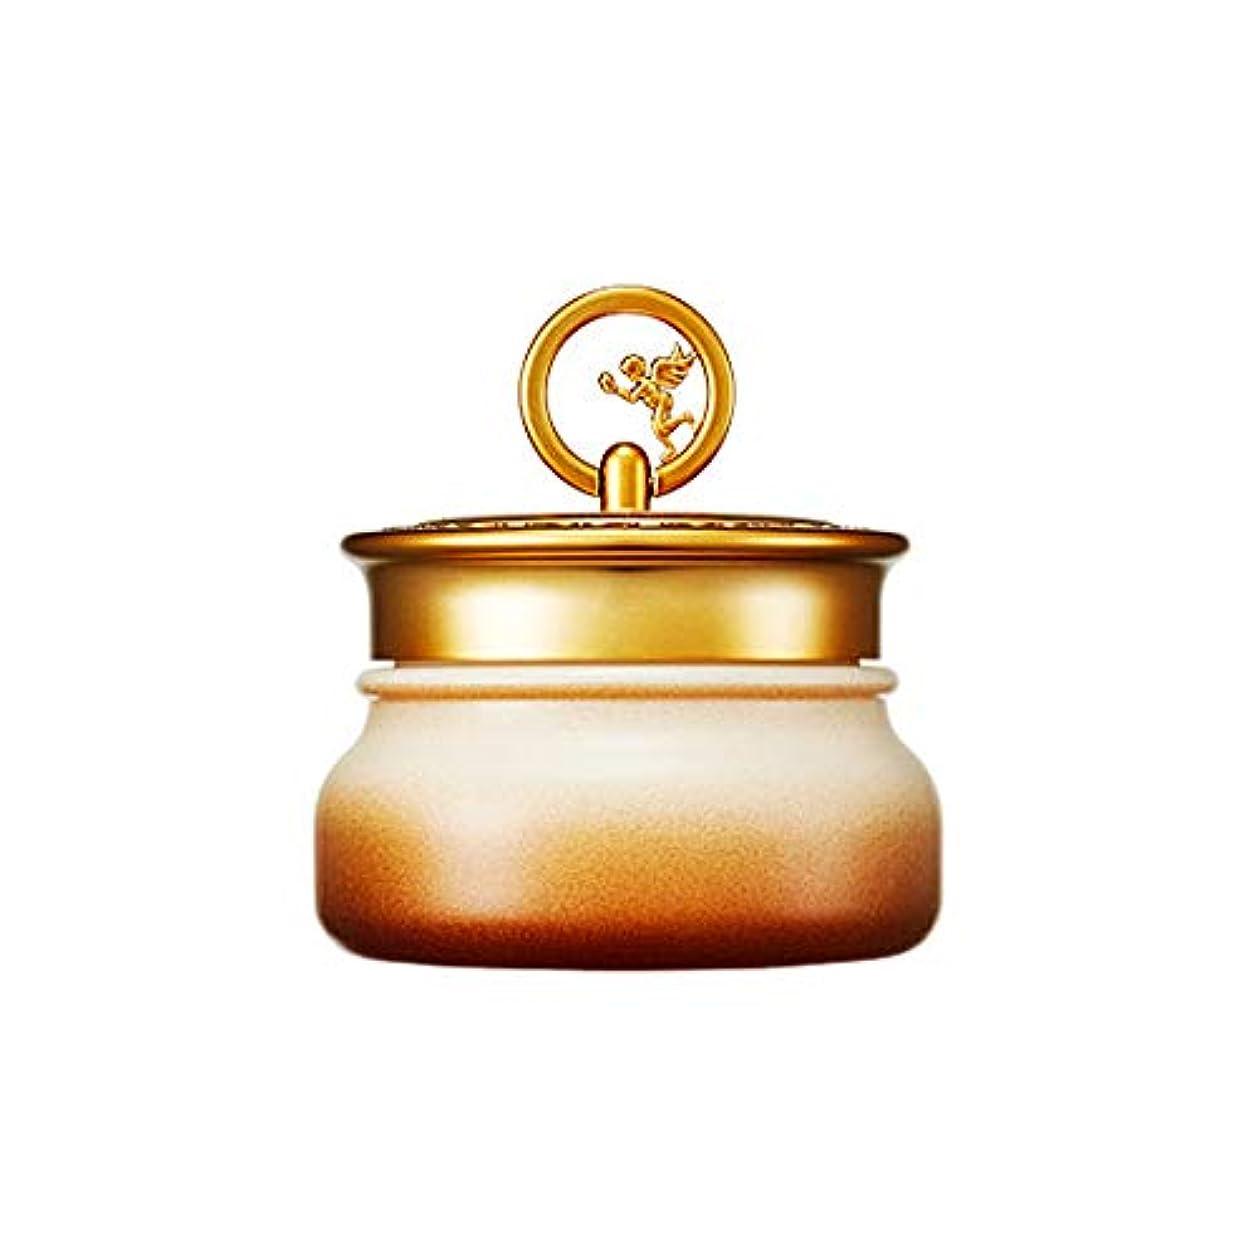 北方称賛ドリルSkinfood ゴールドキャビアクリーム(しわケア) / Gold Caviar Cream (wrinkle care) 45g [並行輸入品]